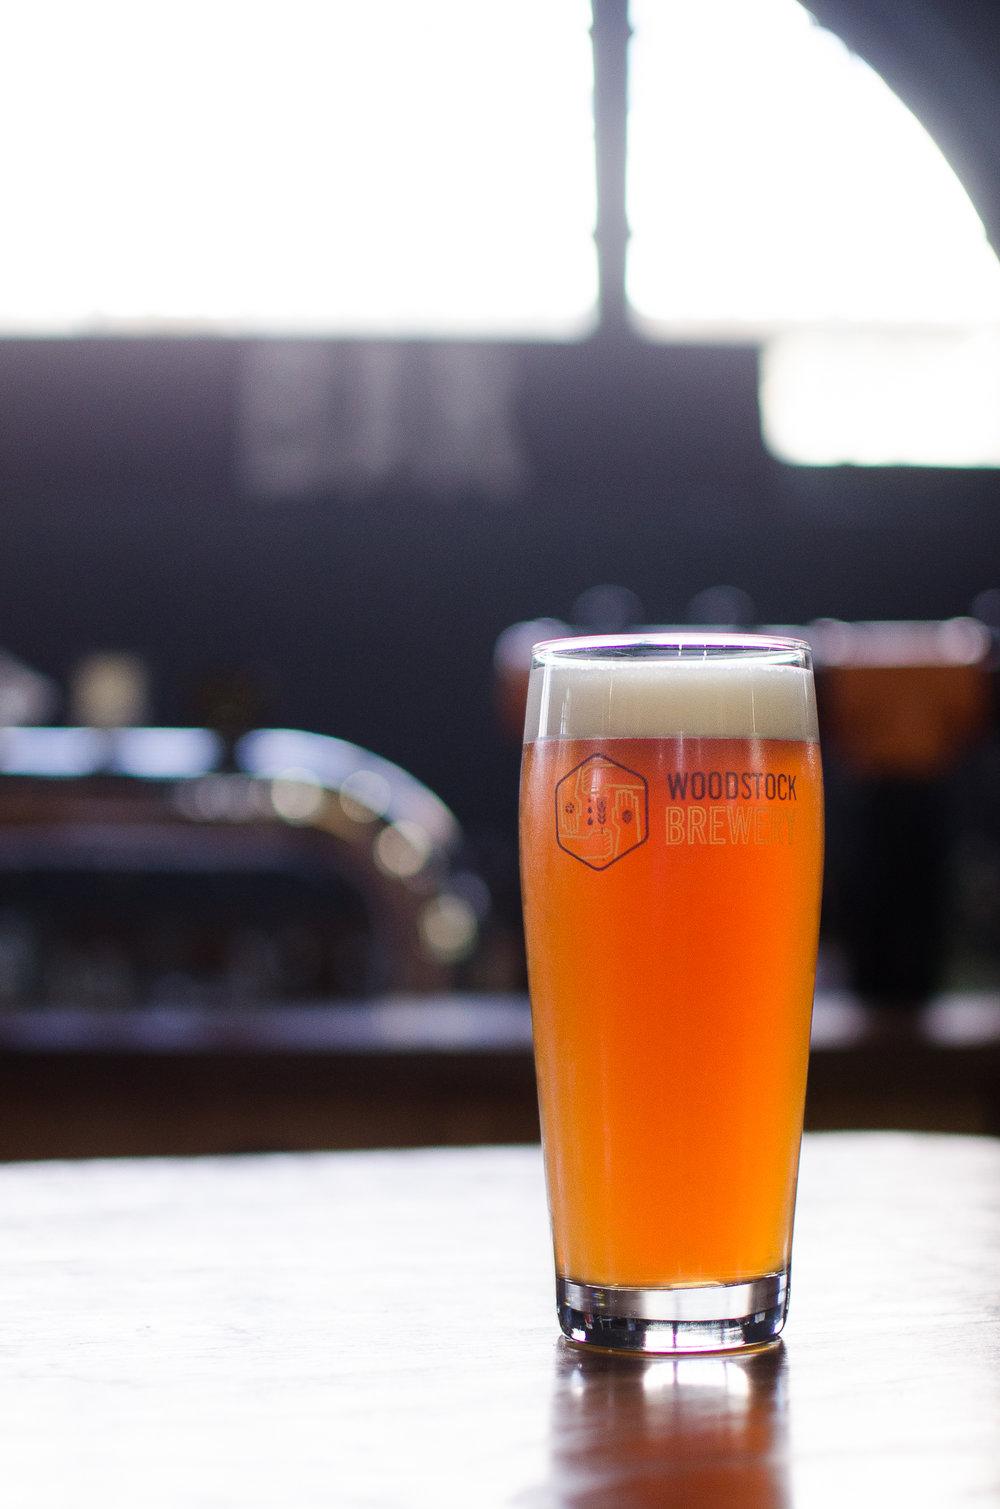 Woodstock Brewery American IPA